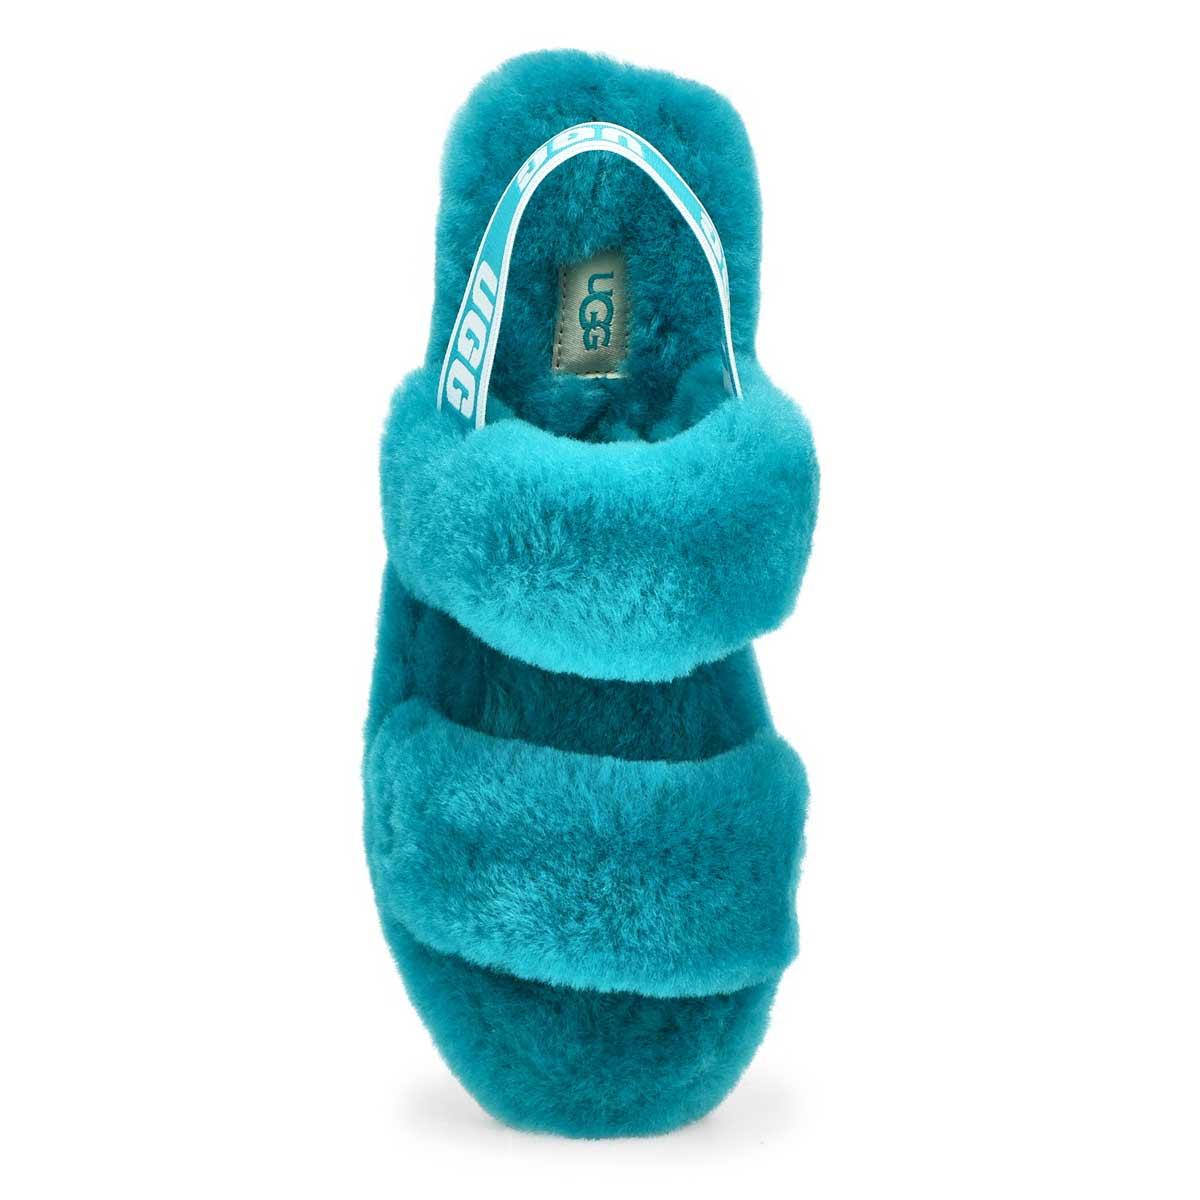 Pantoufle en peau de mouton OH YEAH, bleu aqua,fem